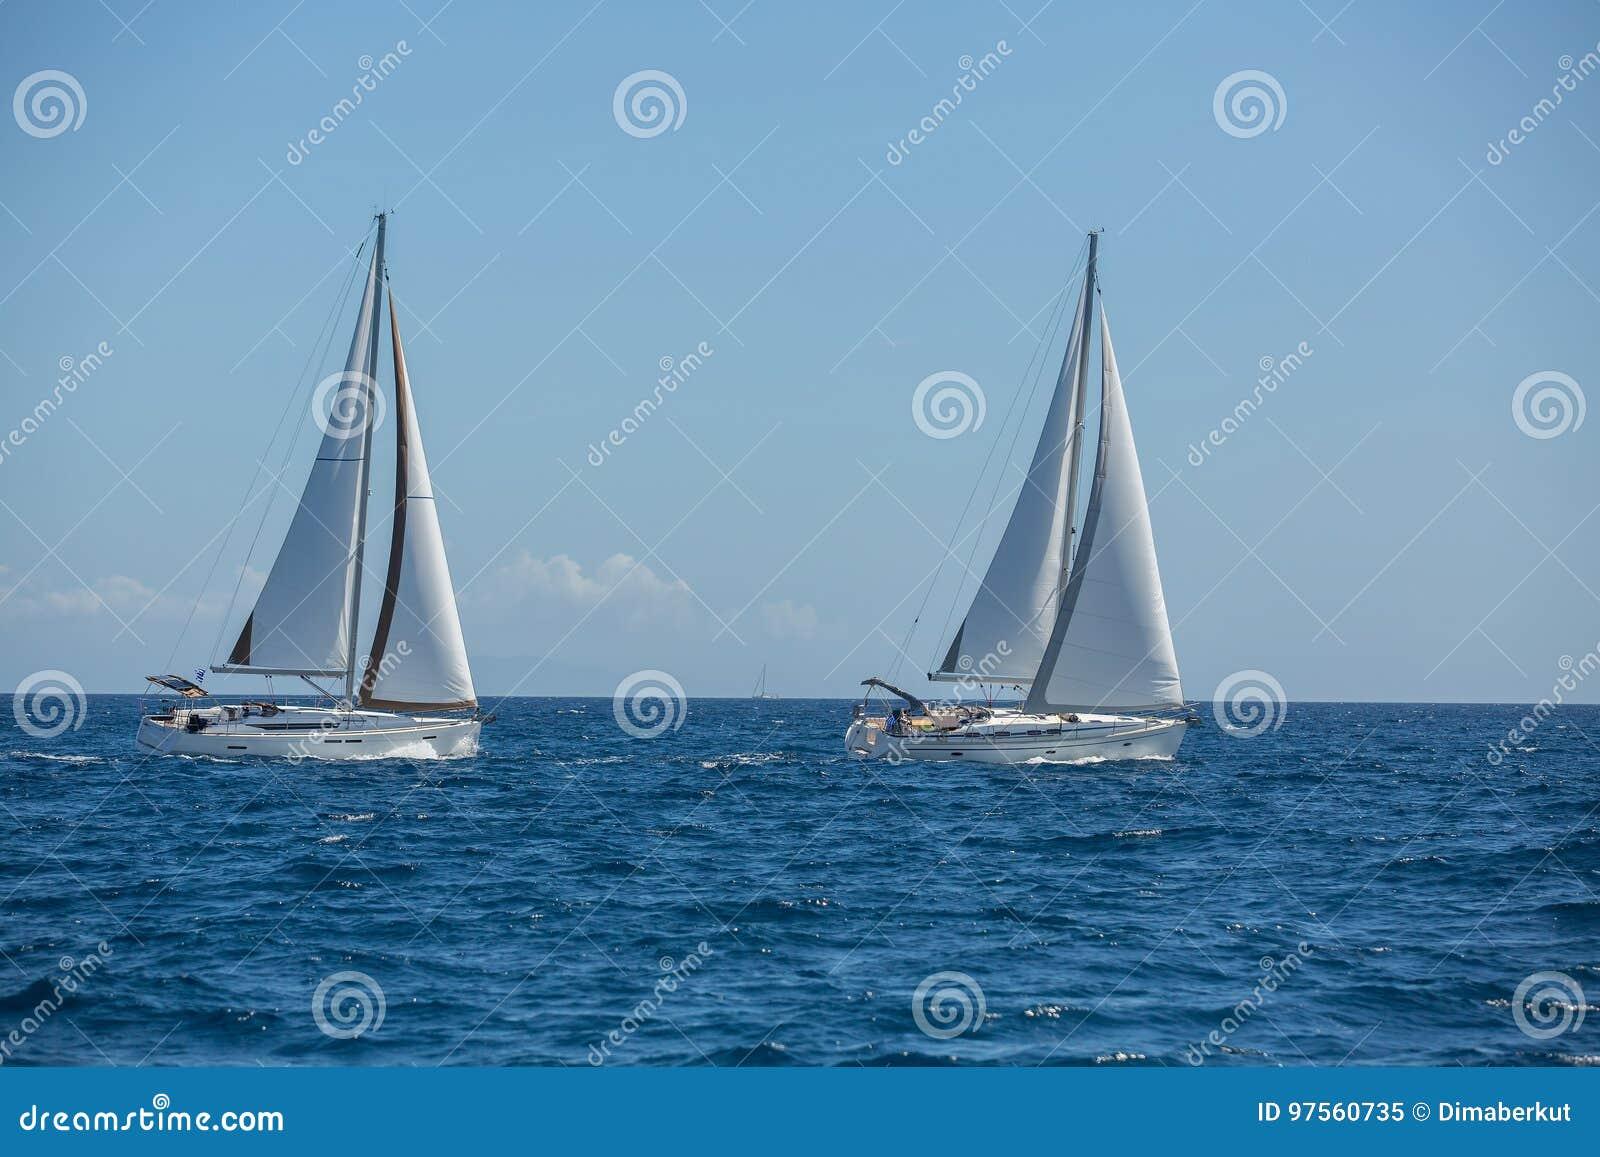 Boten in het varen regatta sailing